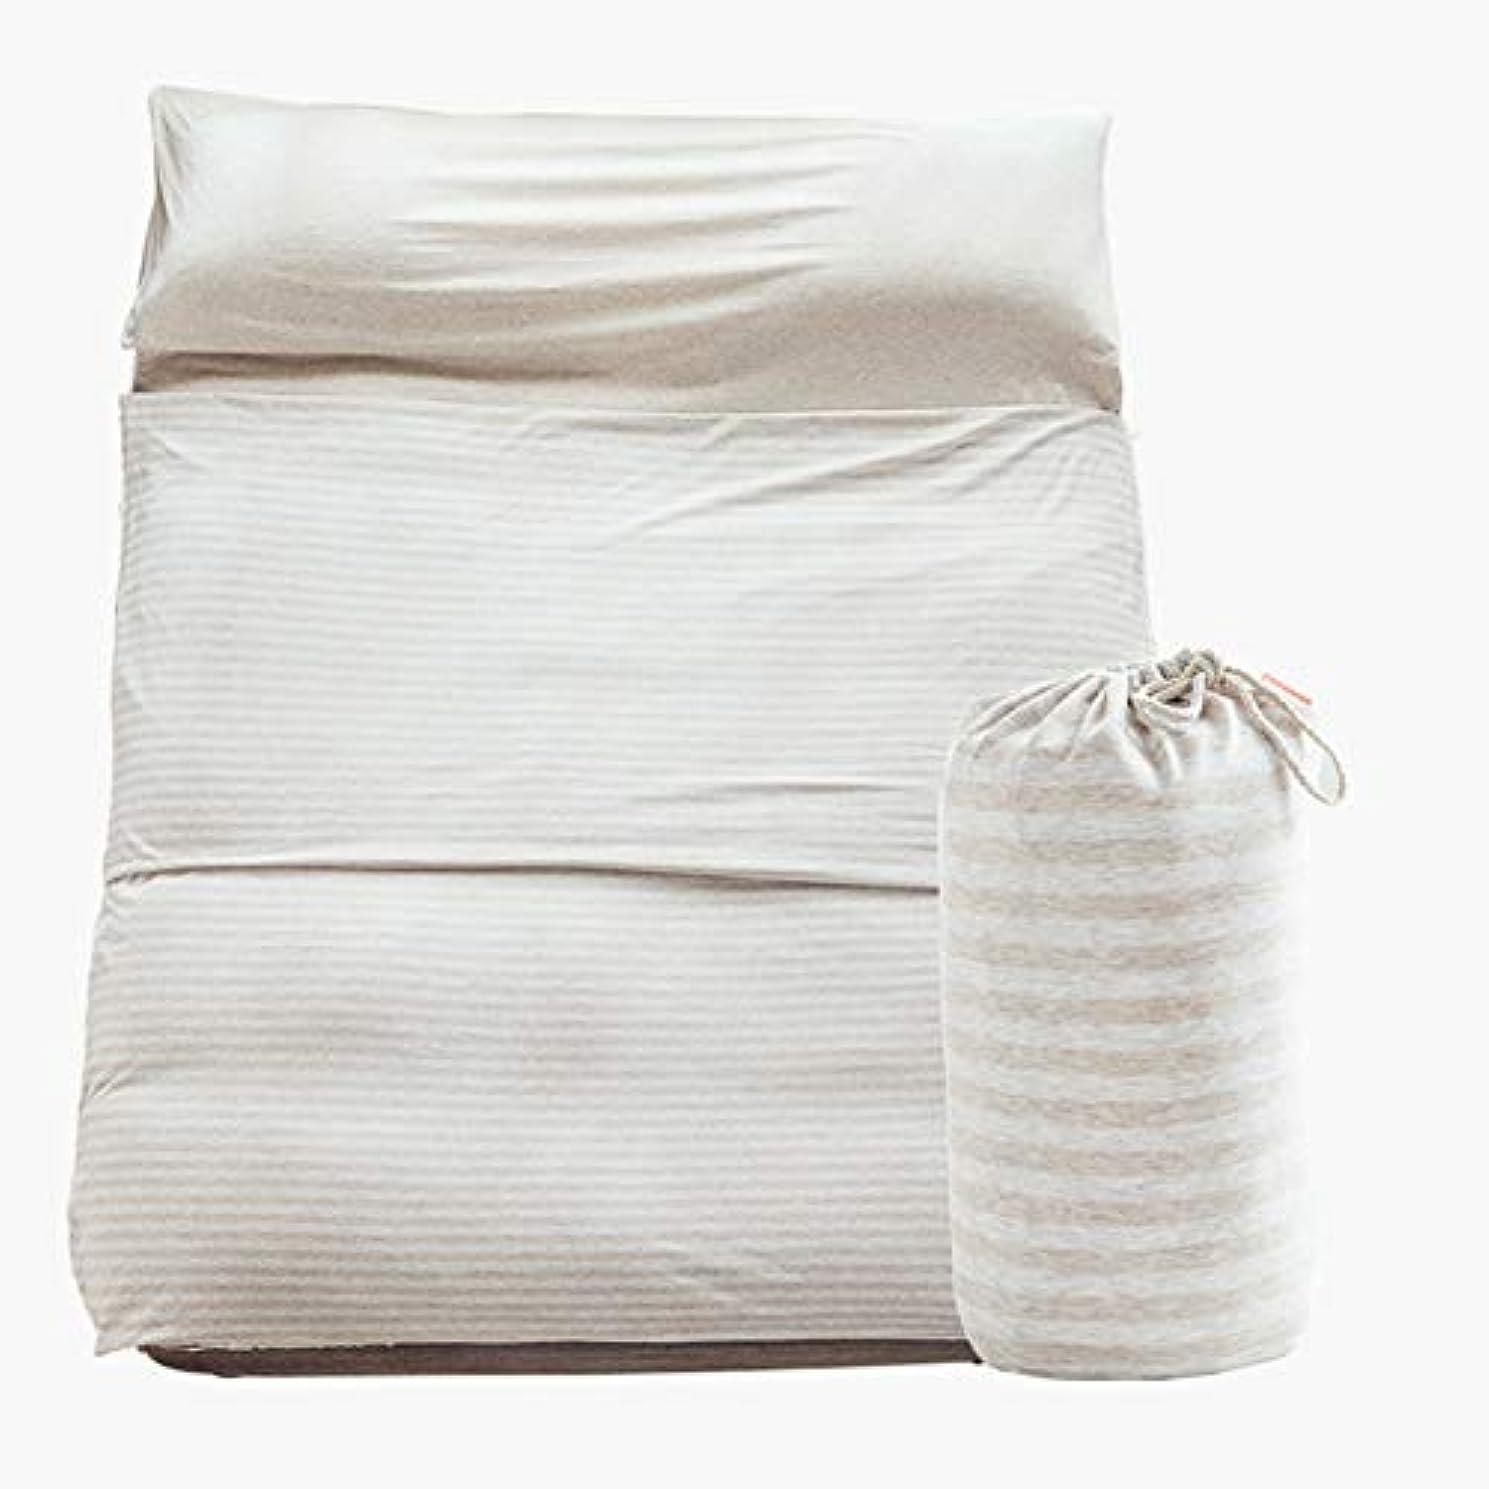 封建謙虚コーデリア寝袋マットレスキルトテント3シーズンキャンプブッシュ屋外屋外 防汚寝袋旅行ホテル防汚綿寝袋ポータブル薄いベージュライトブルー 個別の選択は完了しました (色 : ベージュ)